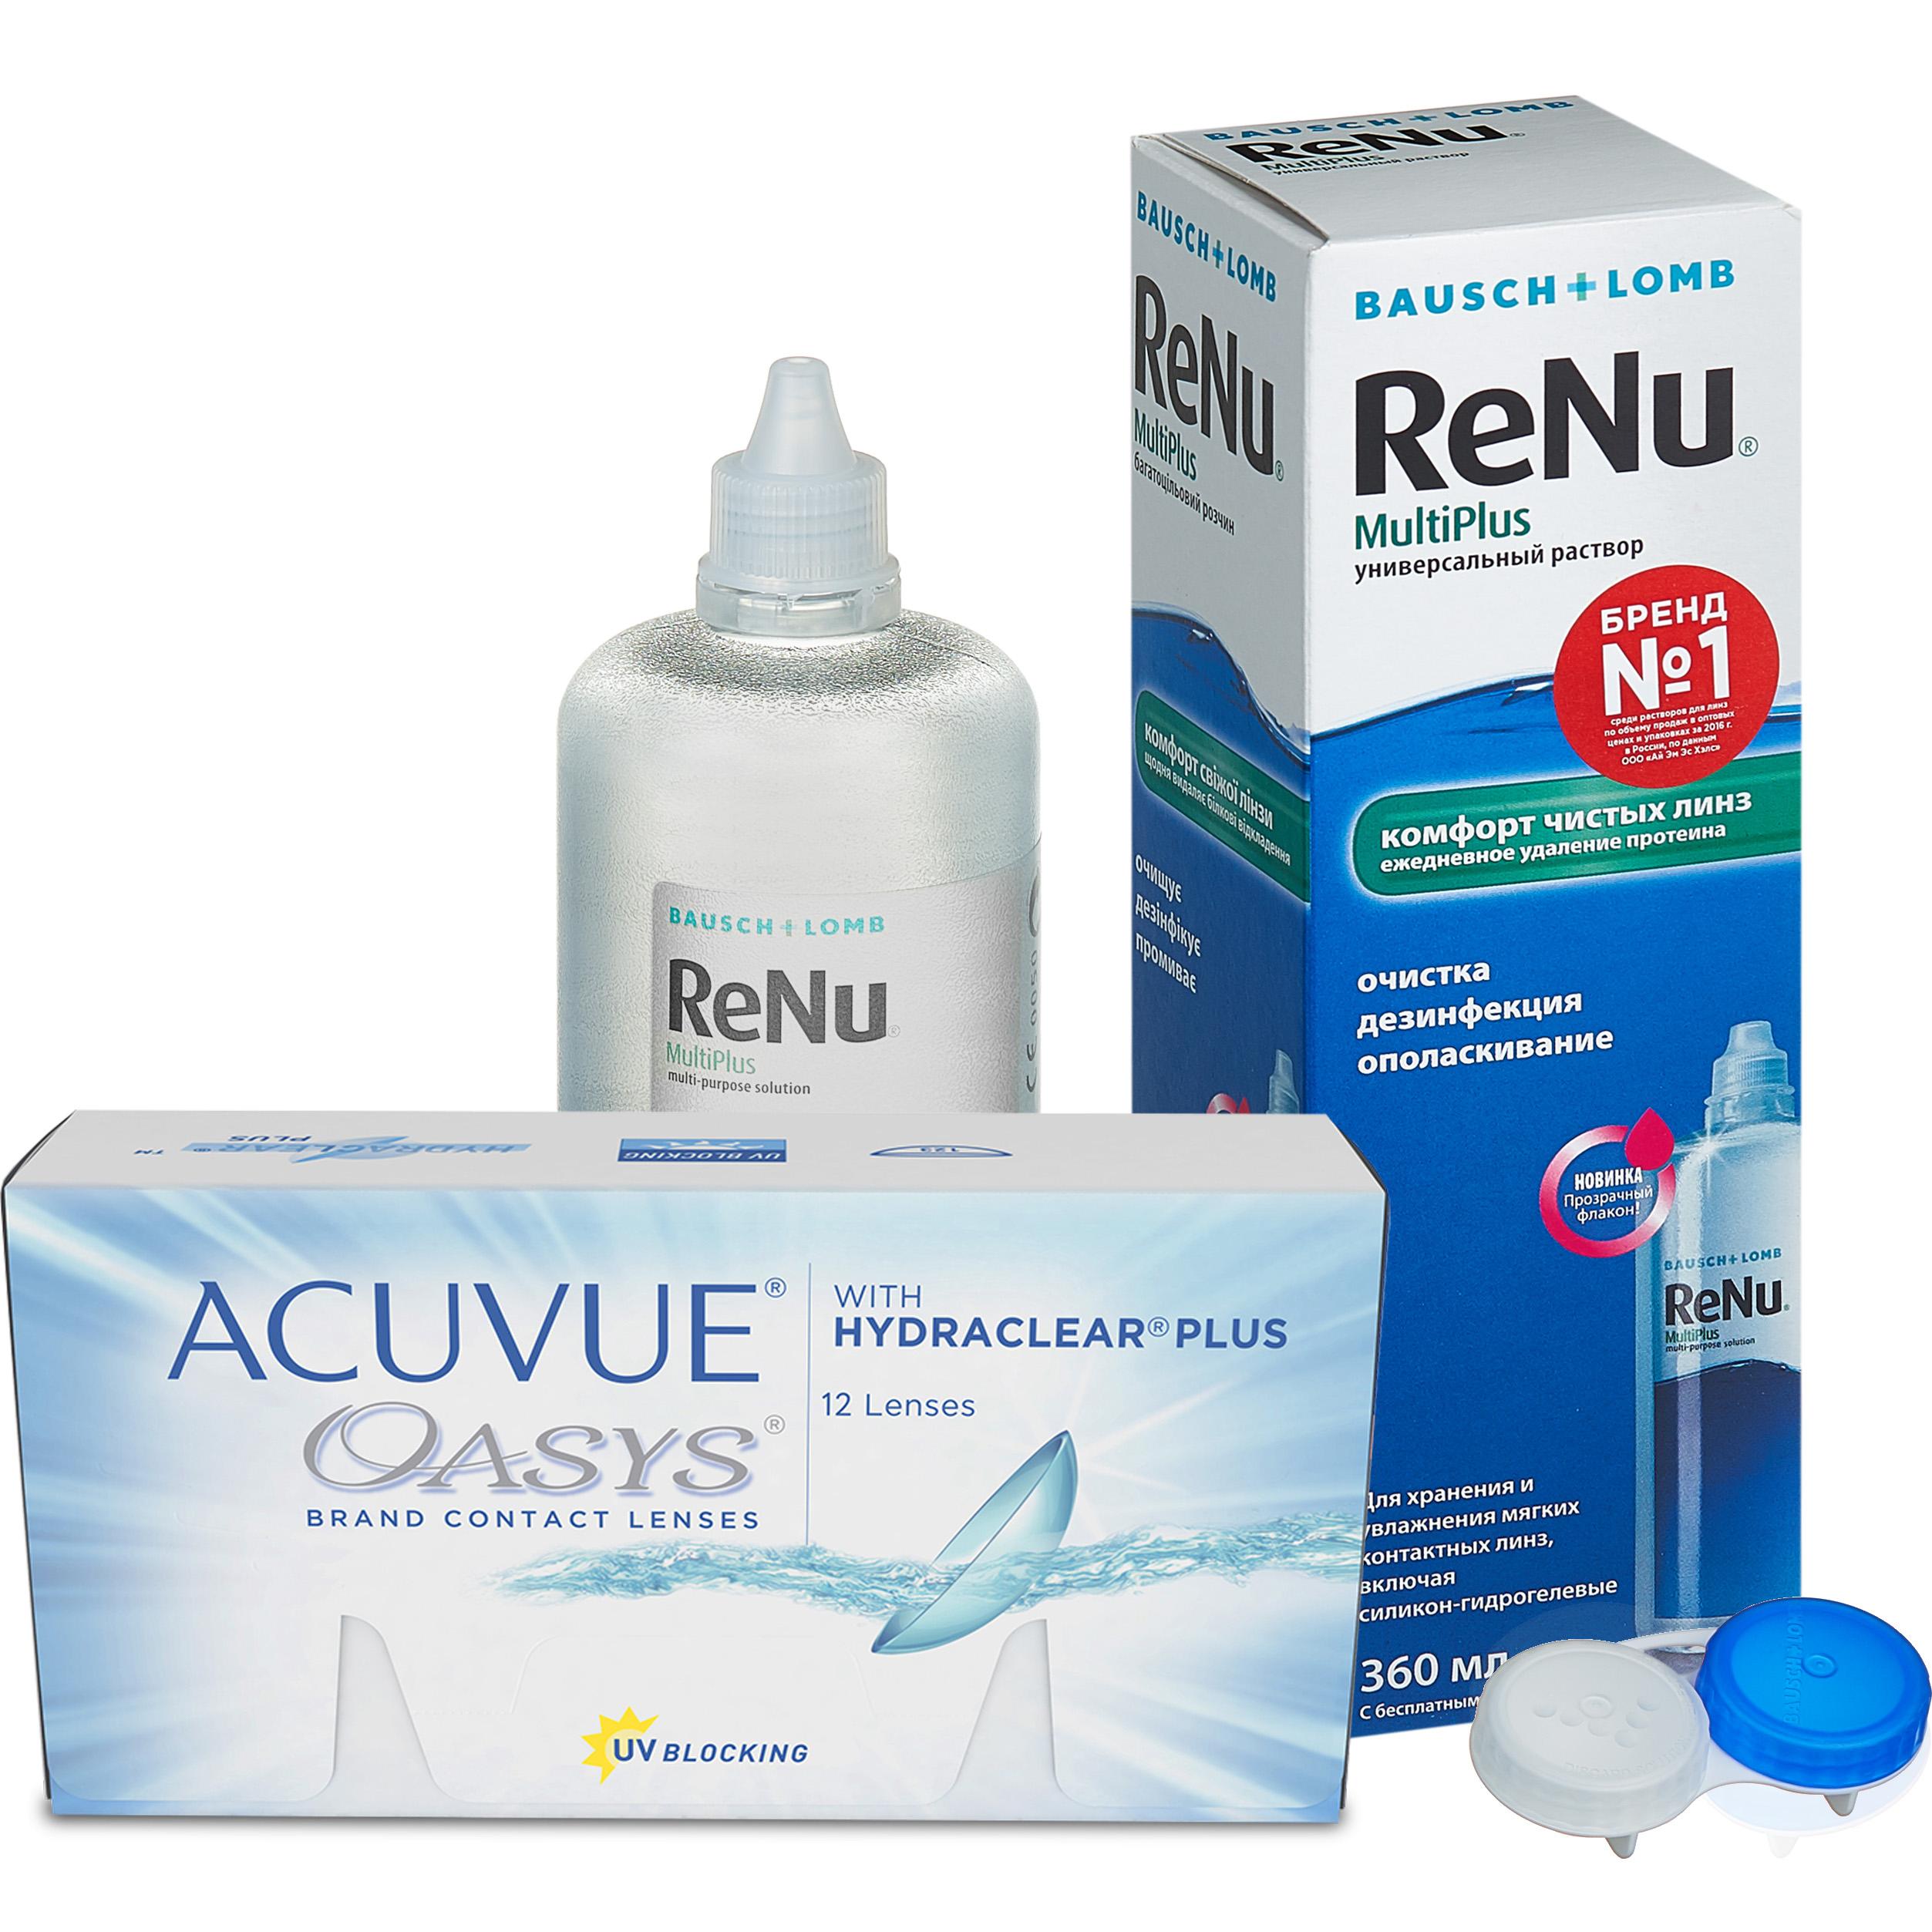 Купить Oasys with Hydraclear Plus 12 линз + ReNu MultiPlus, Линзы Acuvue Oasys with Hydraclear Plus 12 линз R 8.8 +5, 25 + ReNu Multi Plus 360 мл